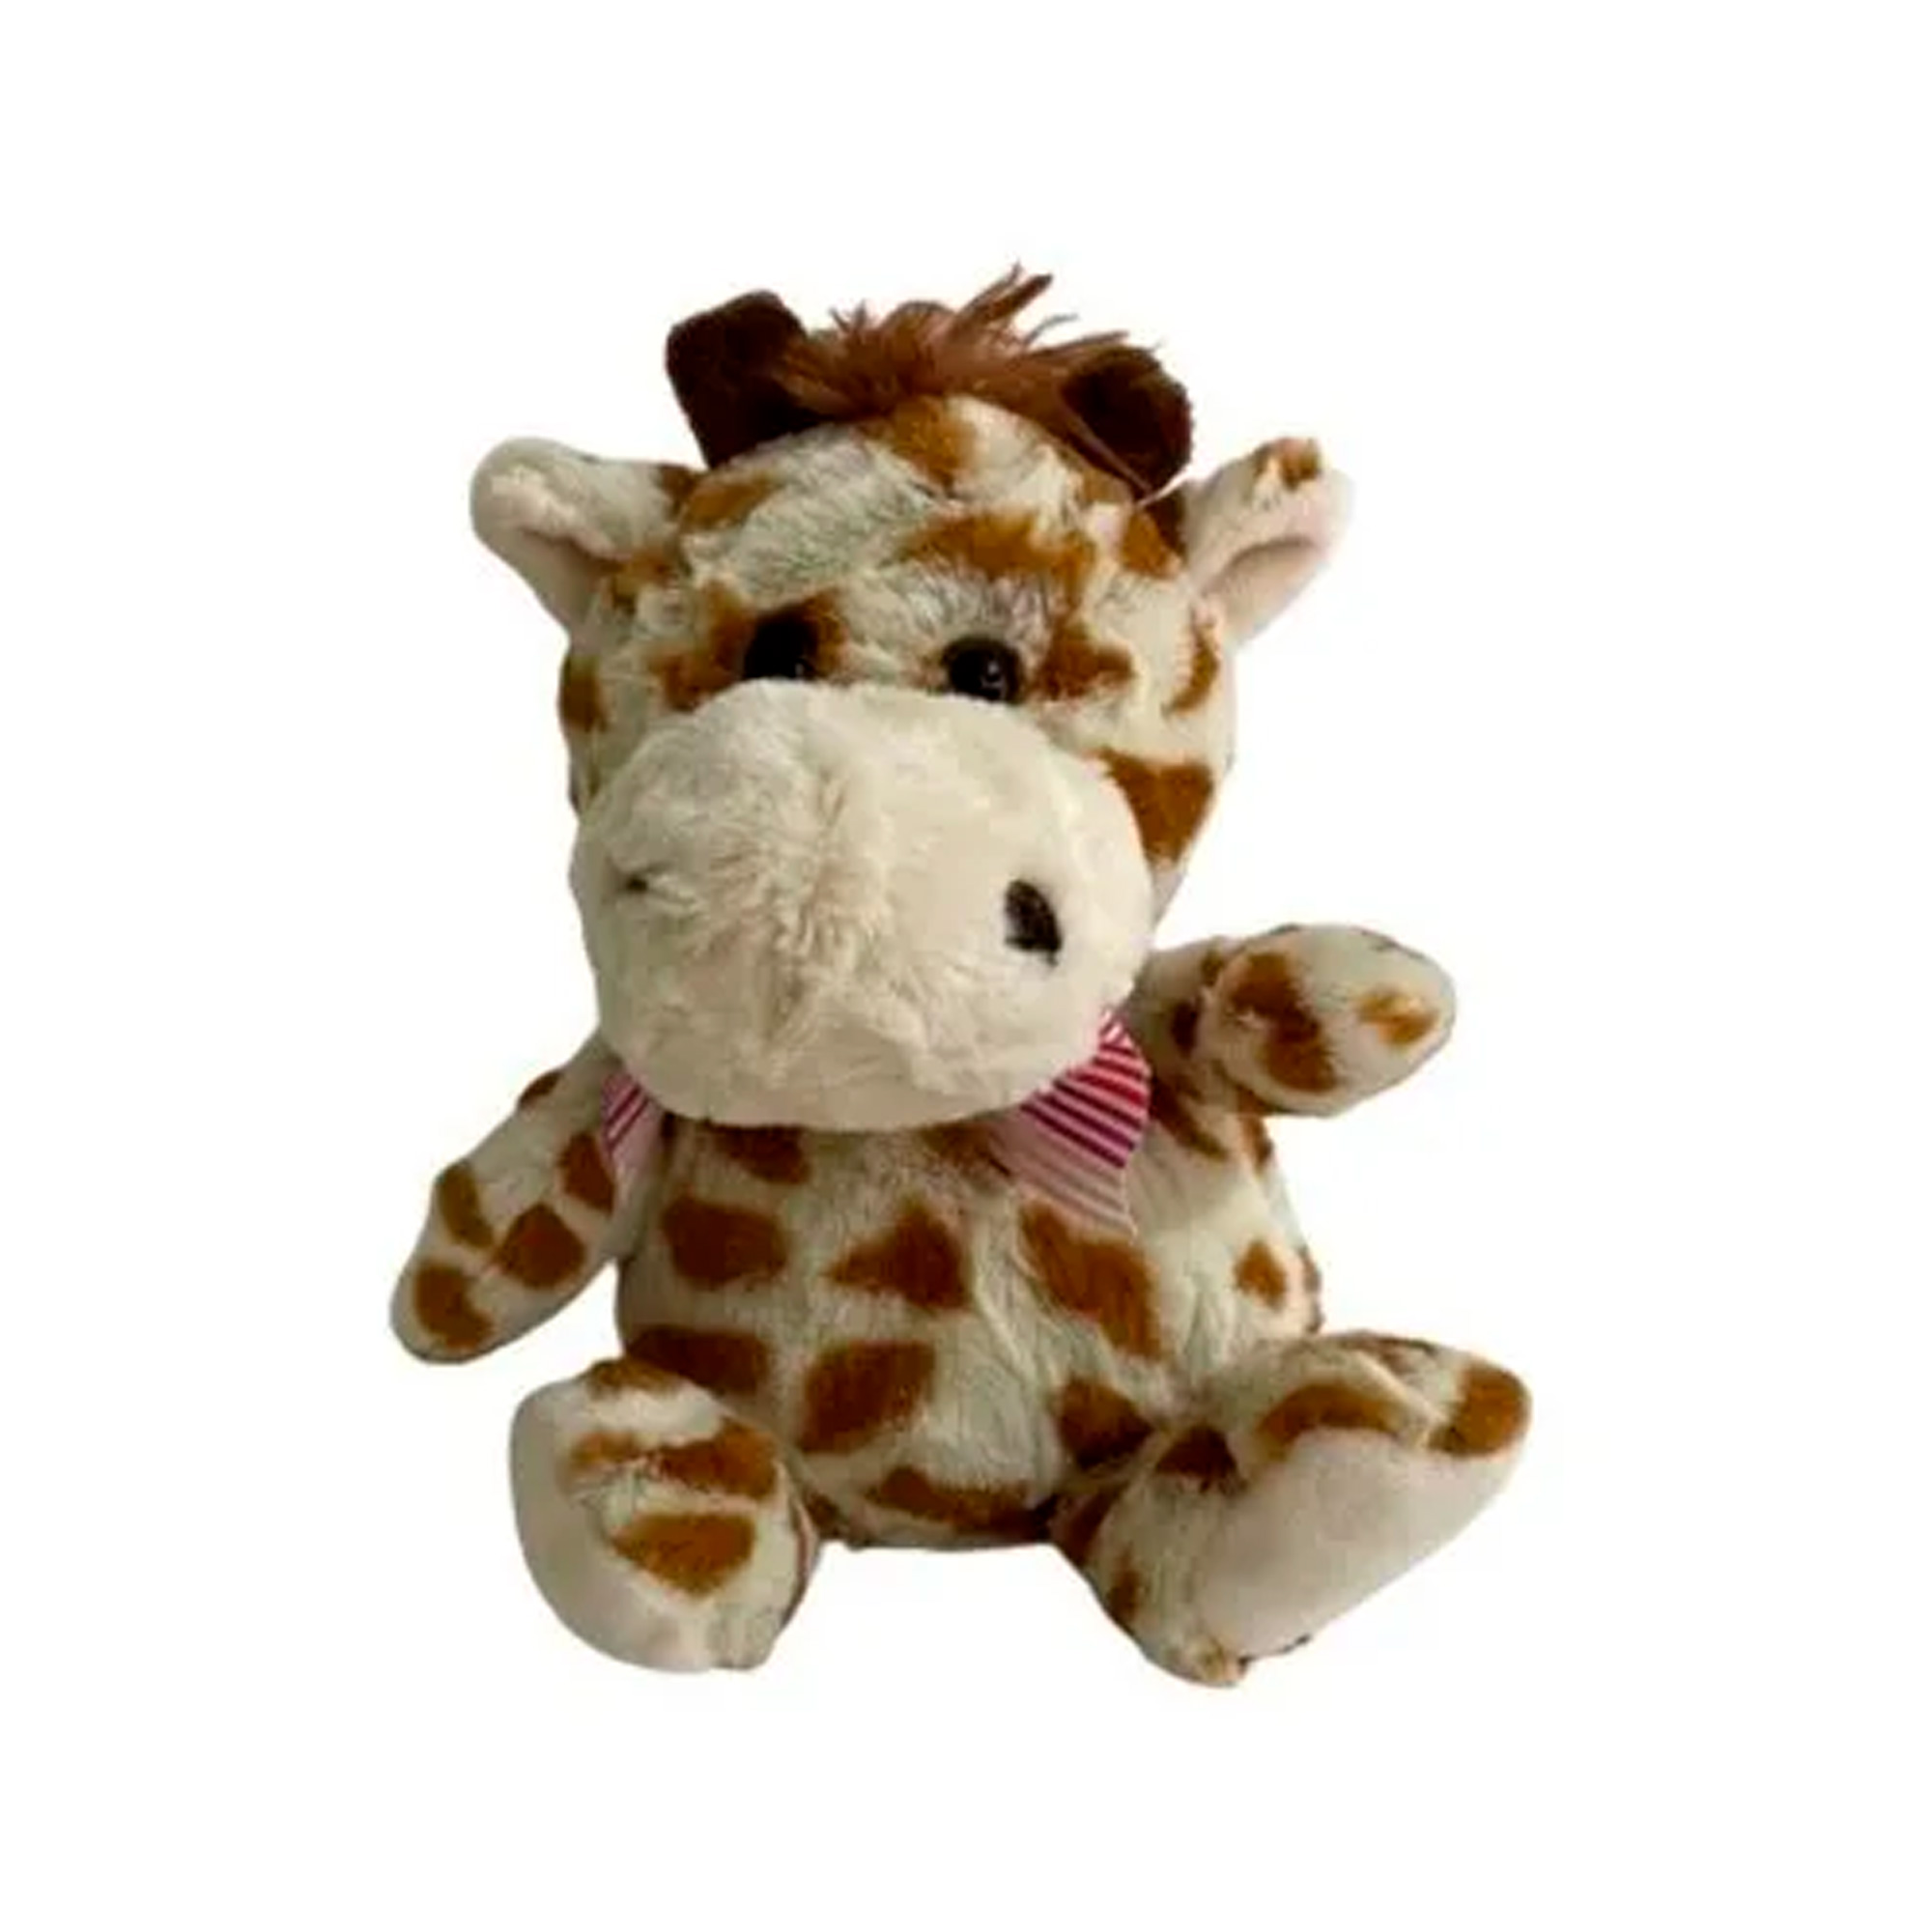 Girafa de Pelúcia 19cm Sentado